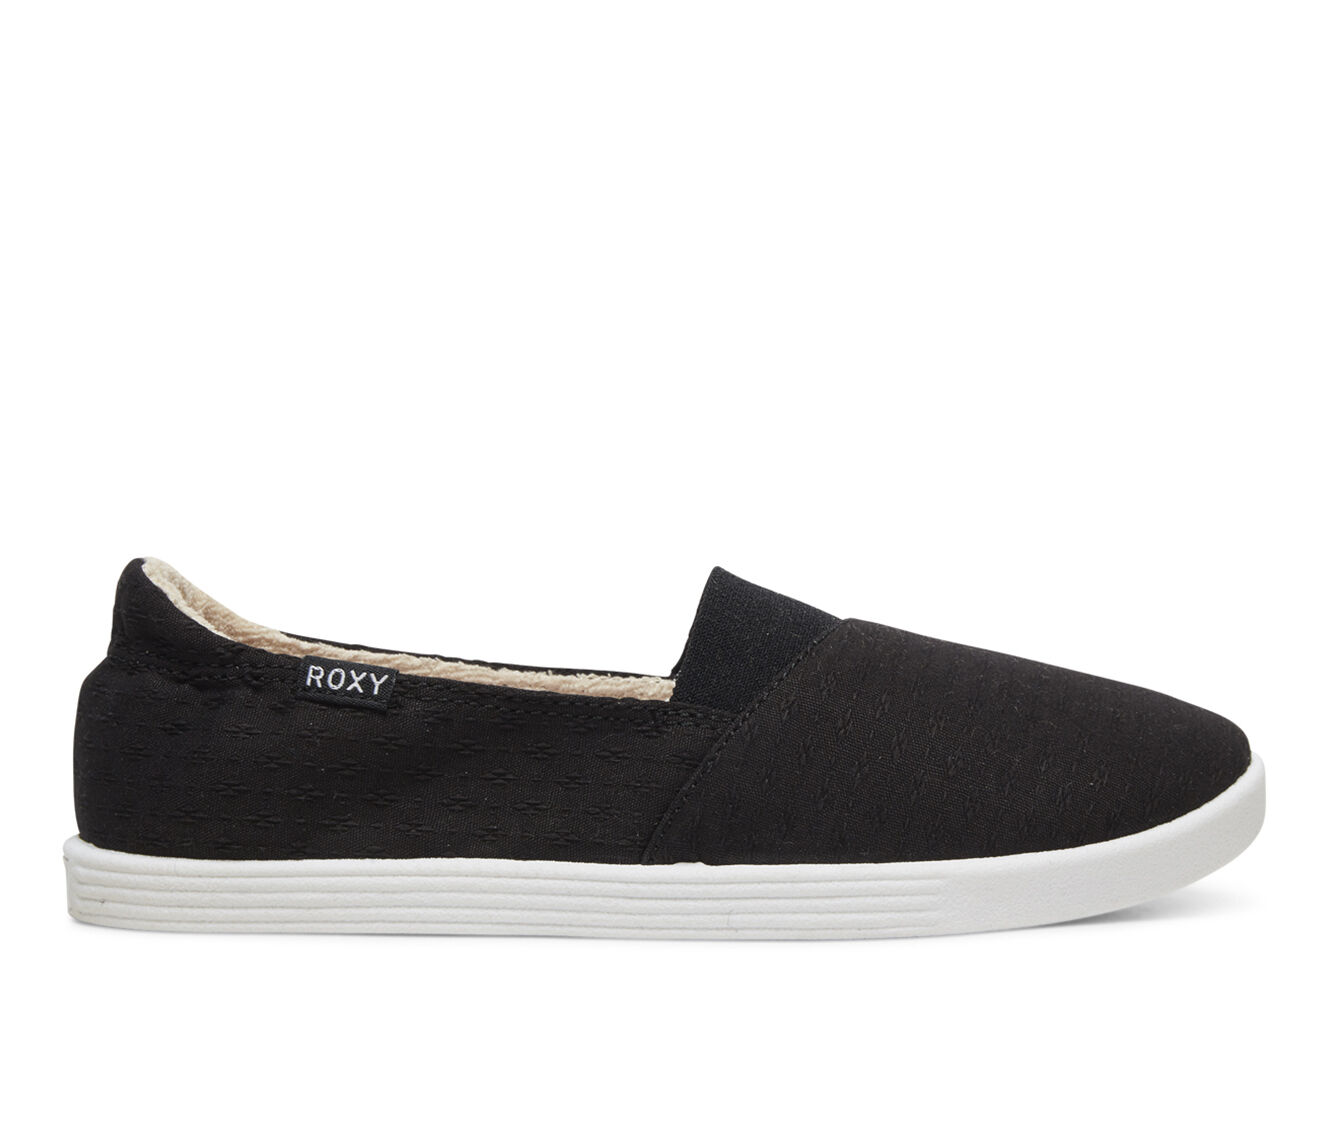 Women's Roxy Danaris Sneakers Black